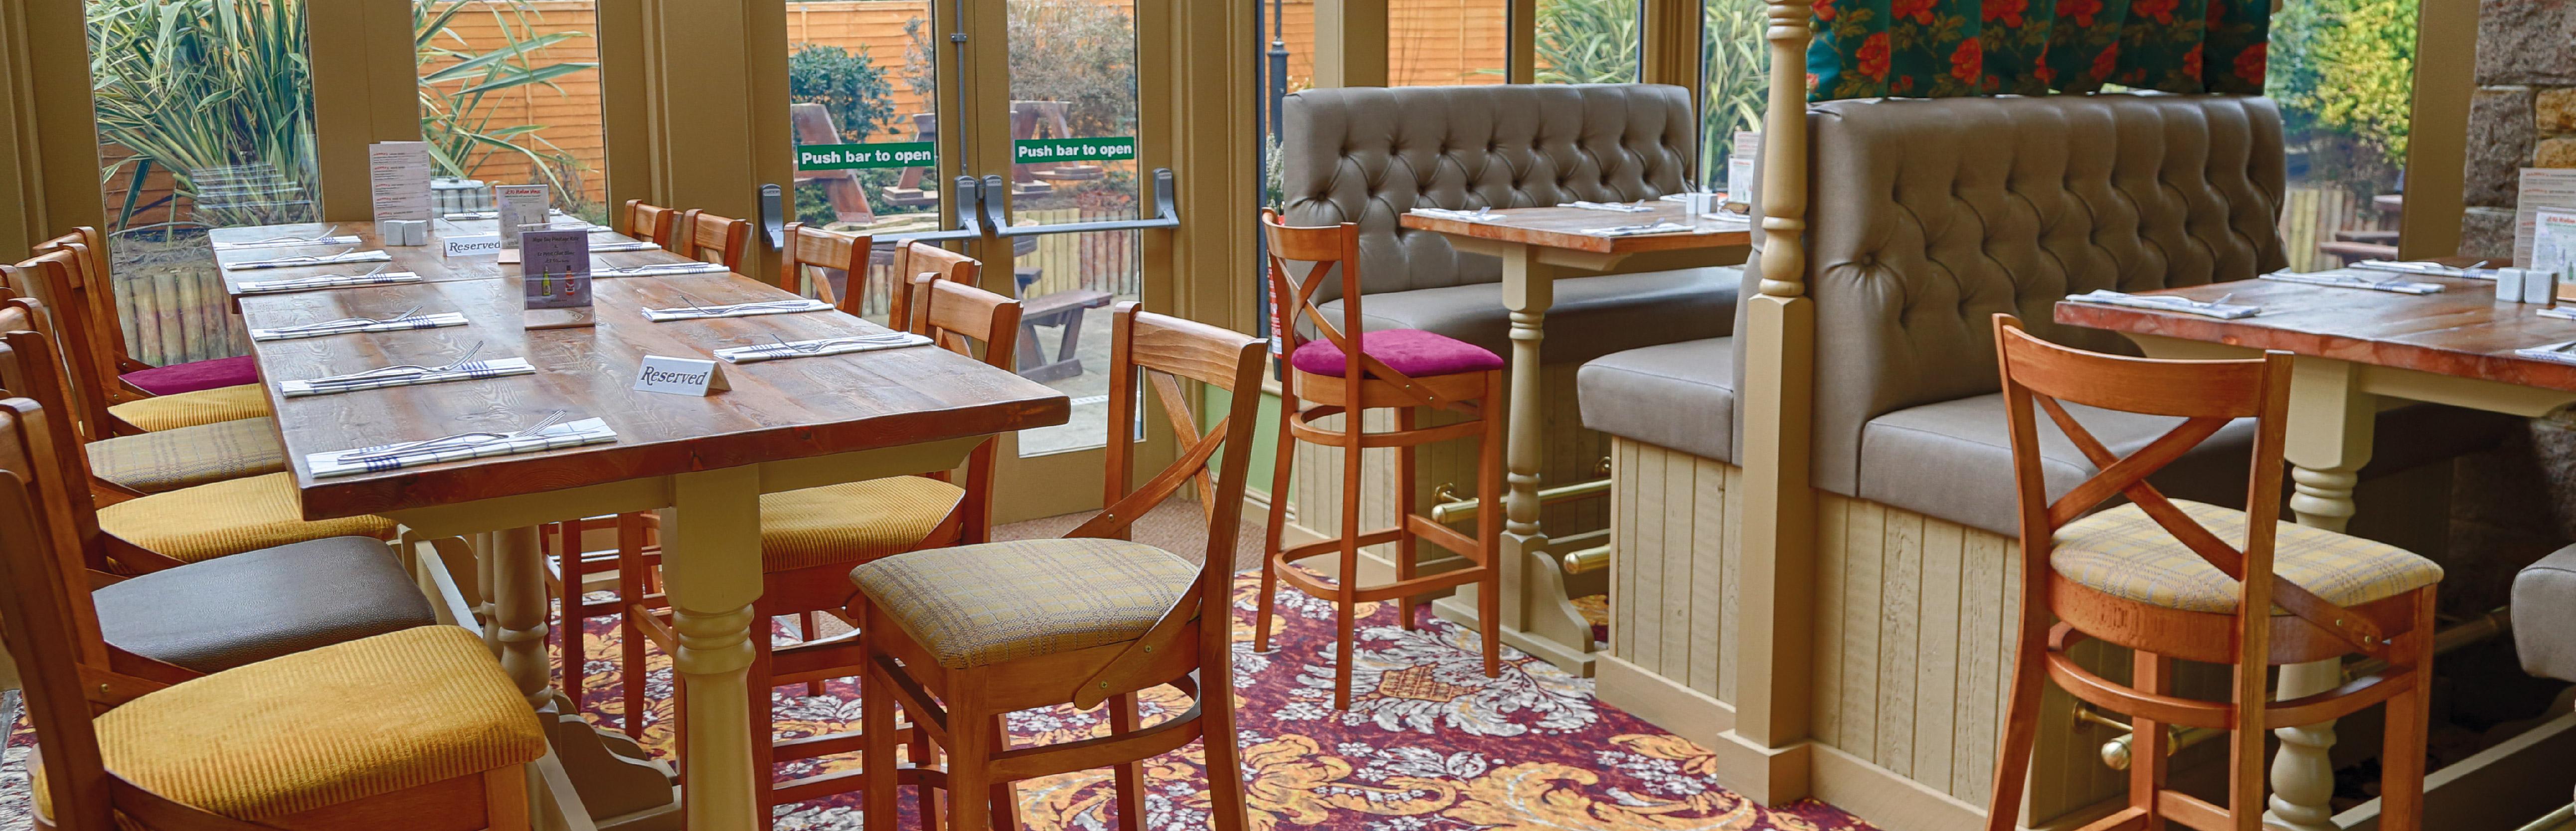 Randalls The Portelet Inn Pub and Restaurant